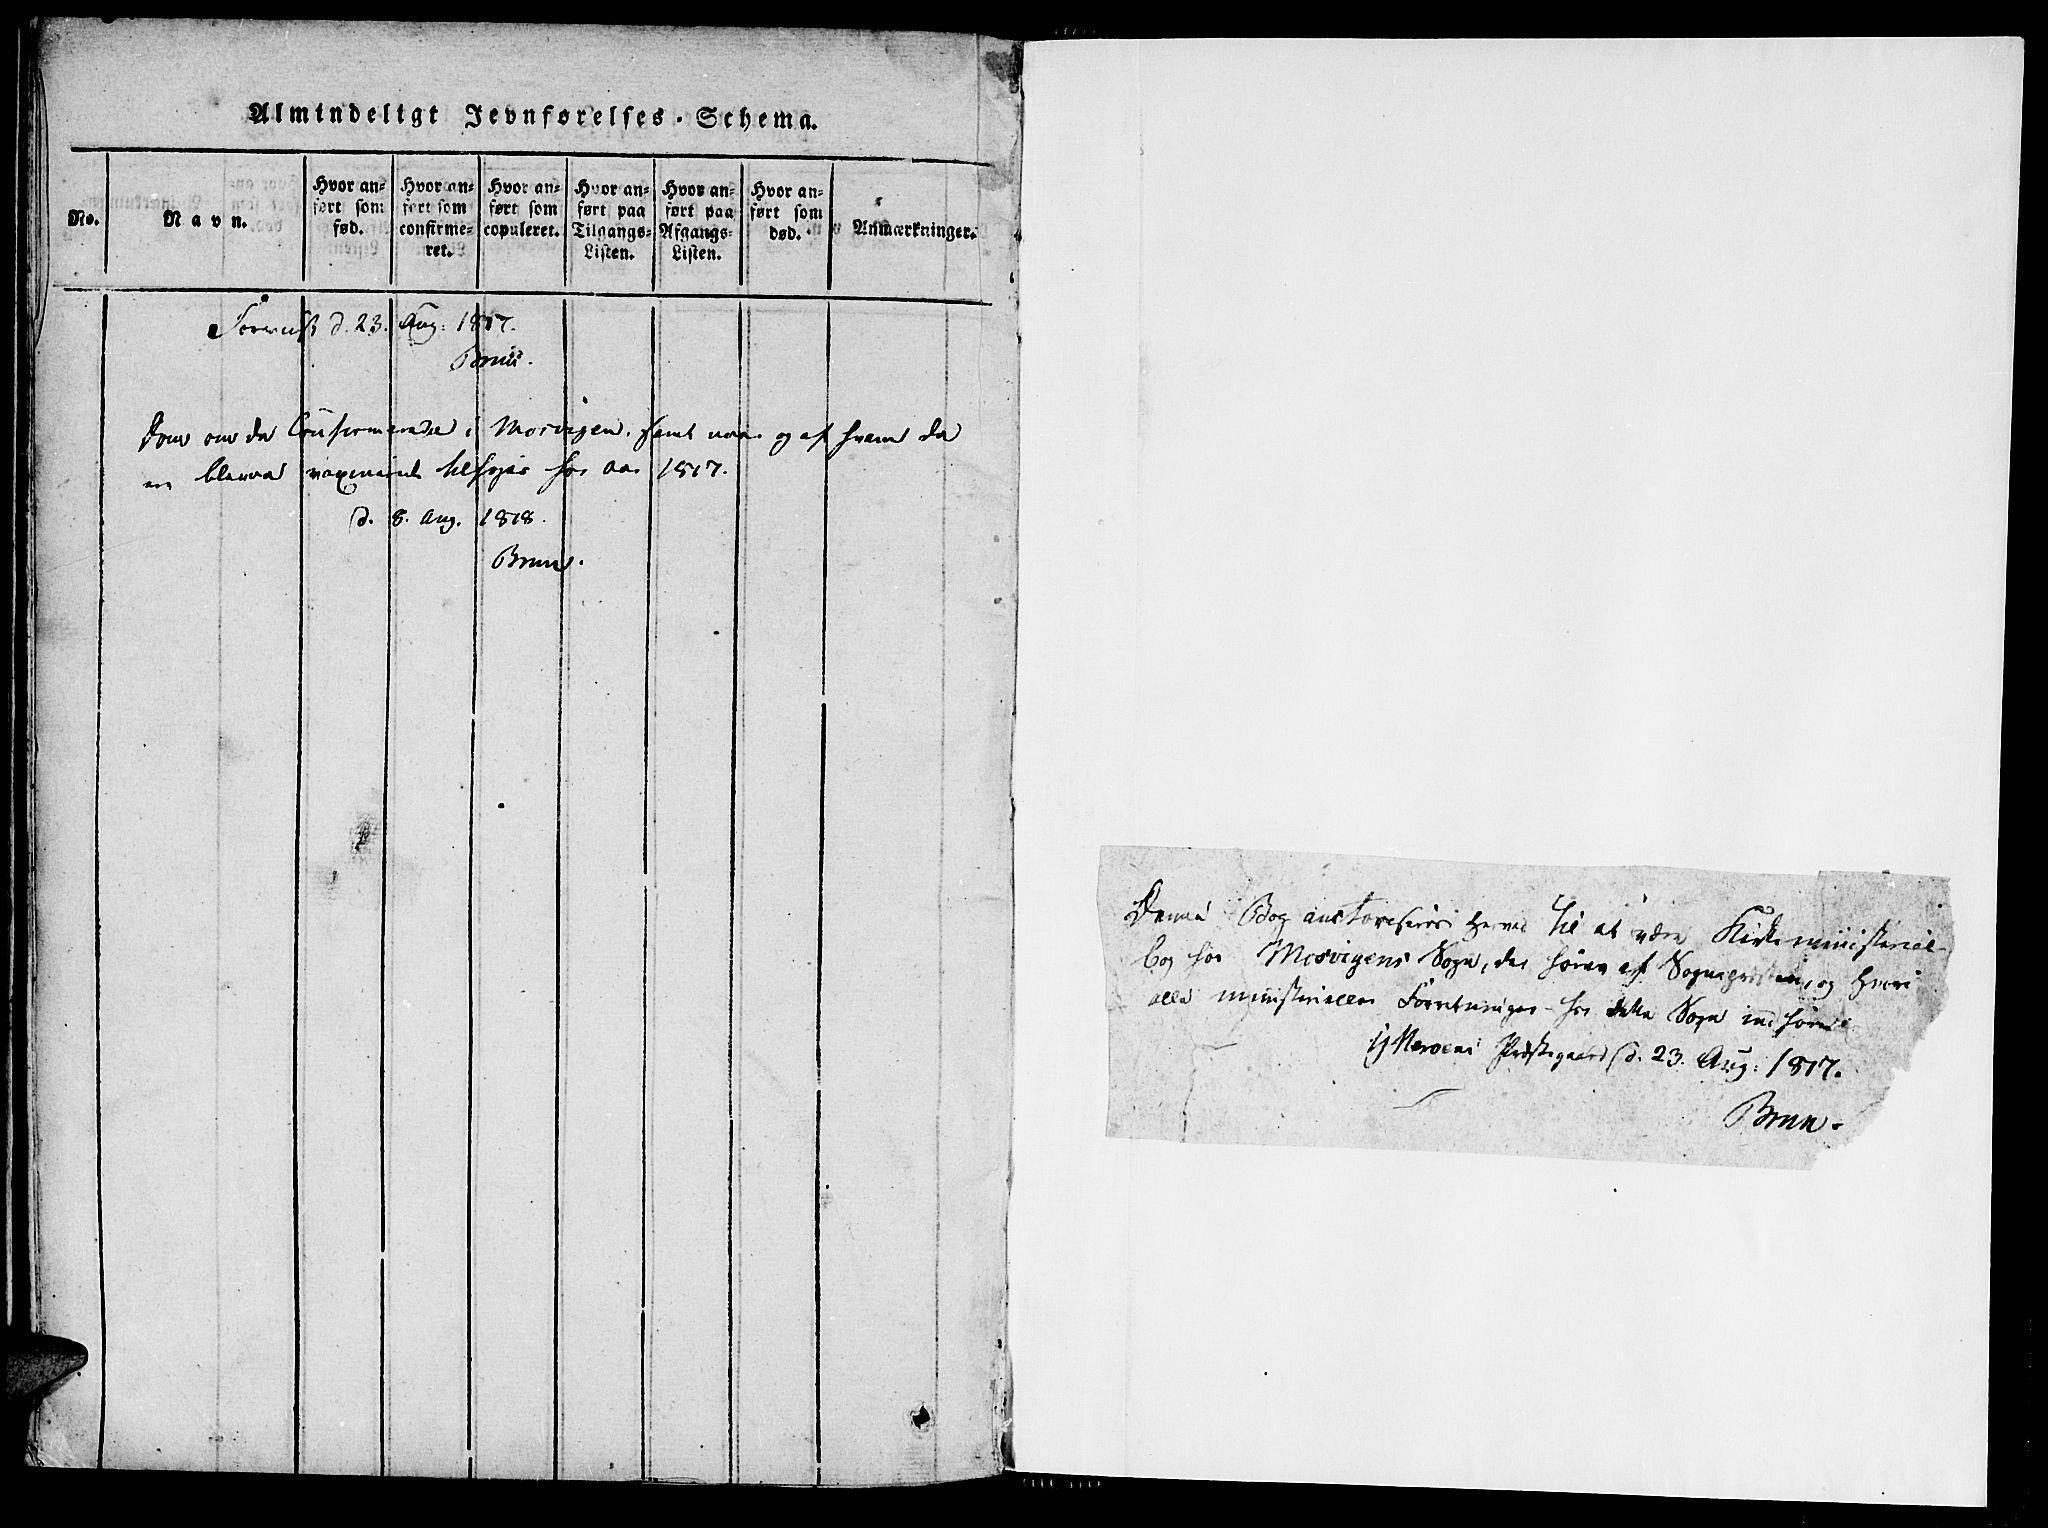 SAT, Ministerialprotokoller, klokkerbøker og fødselsregistre - Nord-Trøndelag, 733/L0322: Parish register (official) no. 733A01, 1817-1842